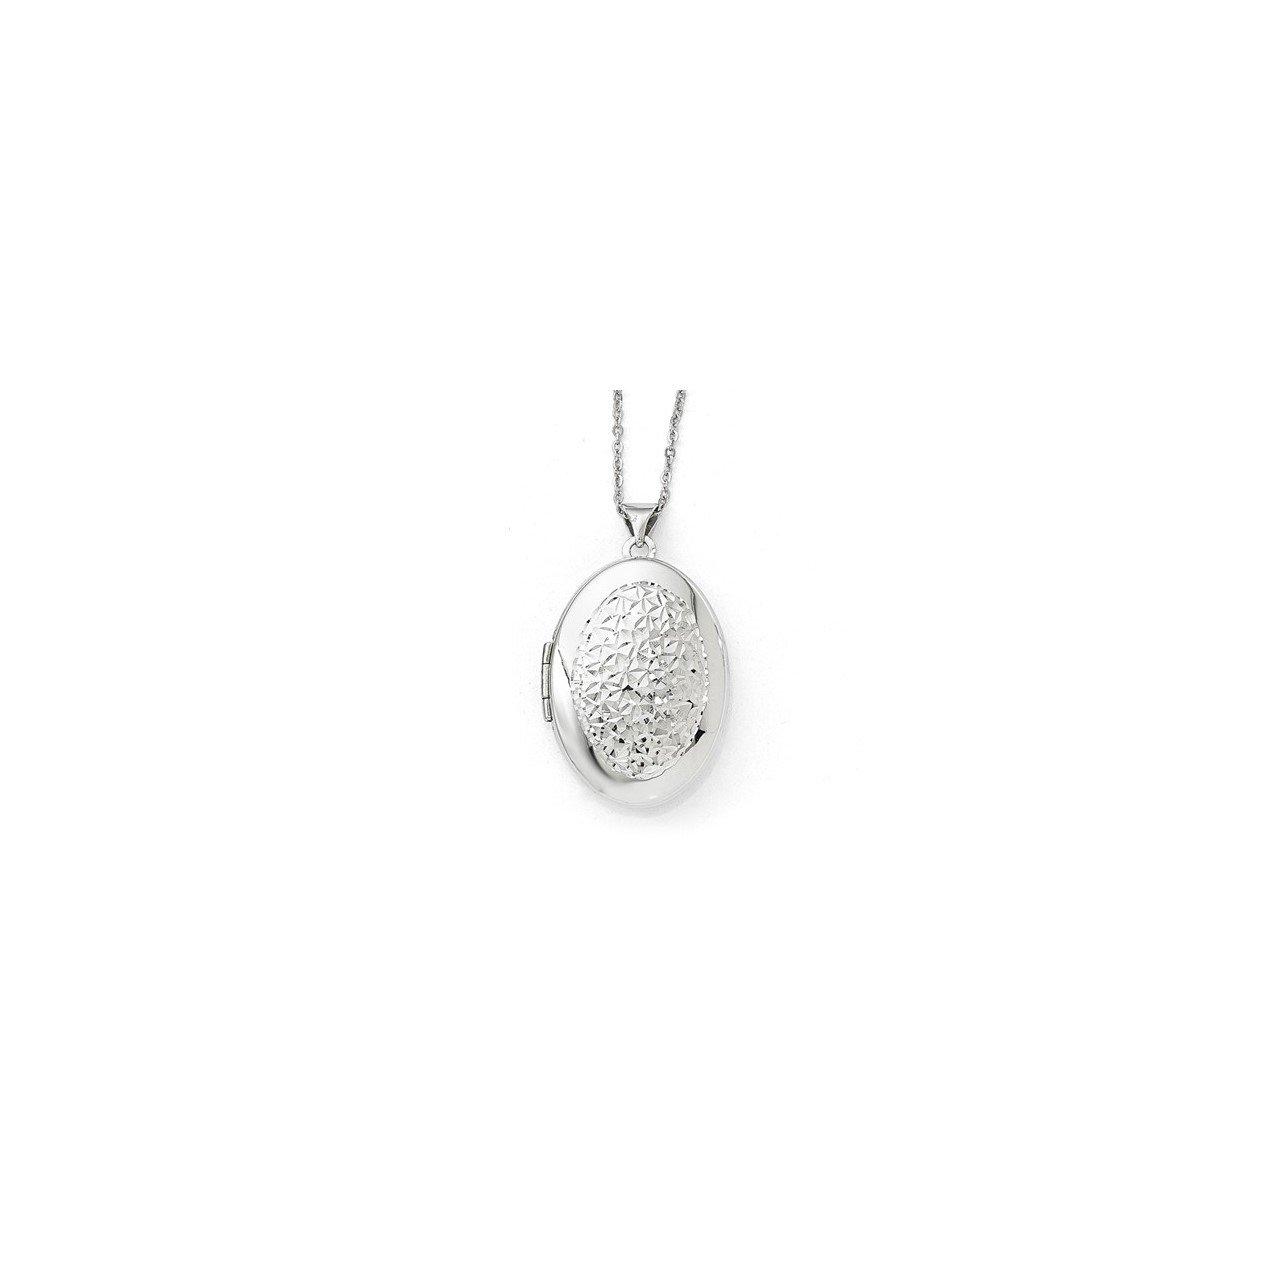 Leslie's 14k White Gold Polished D/C Oval Locket Pendant